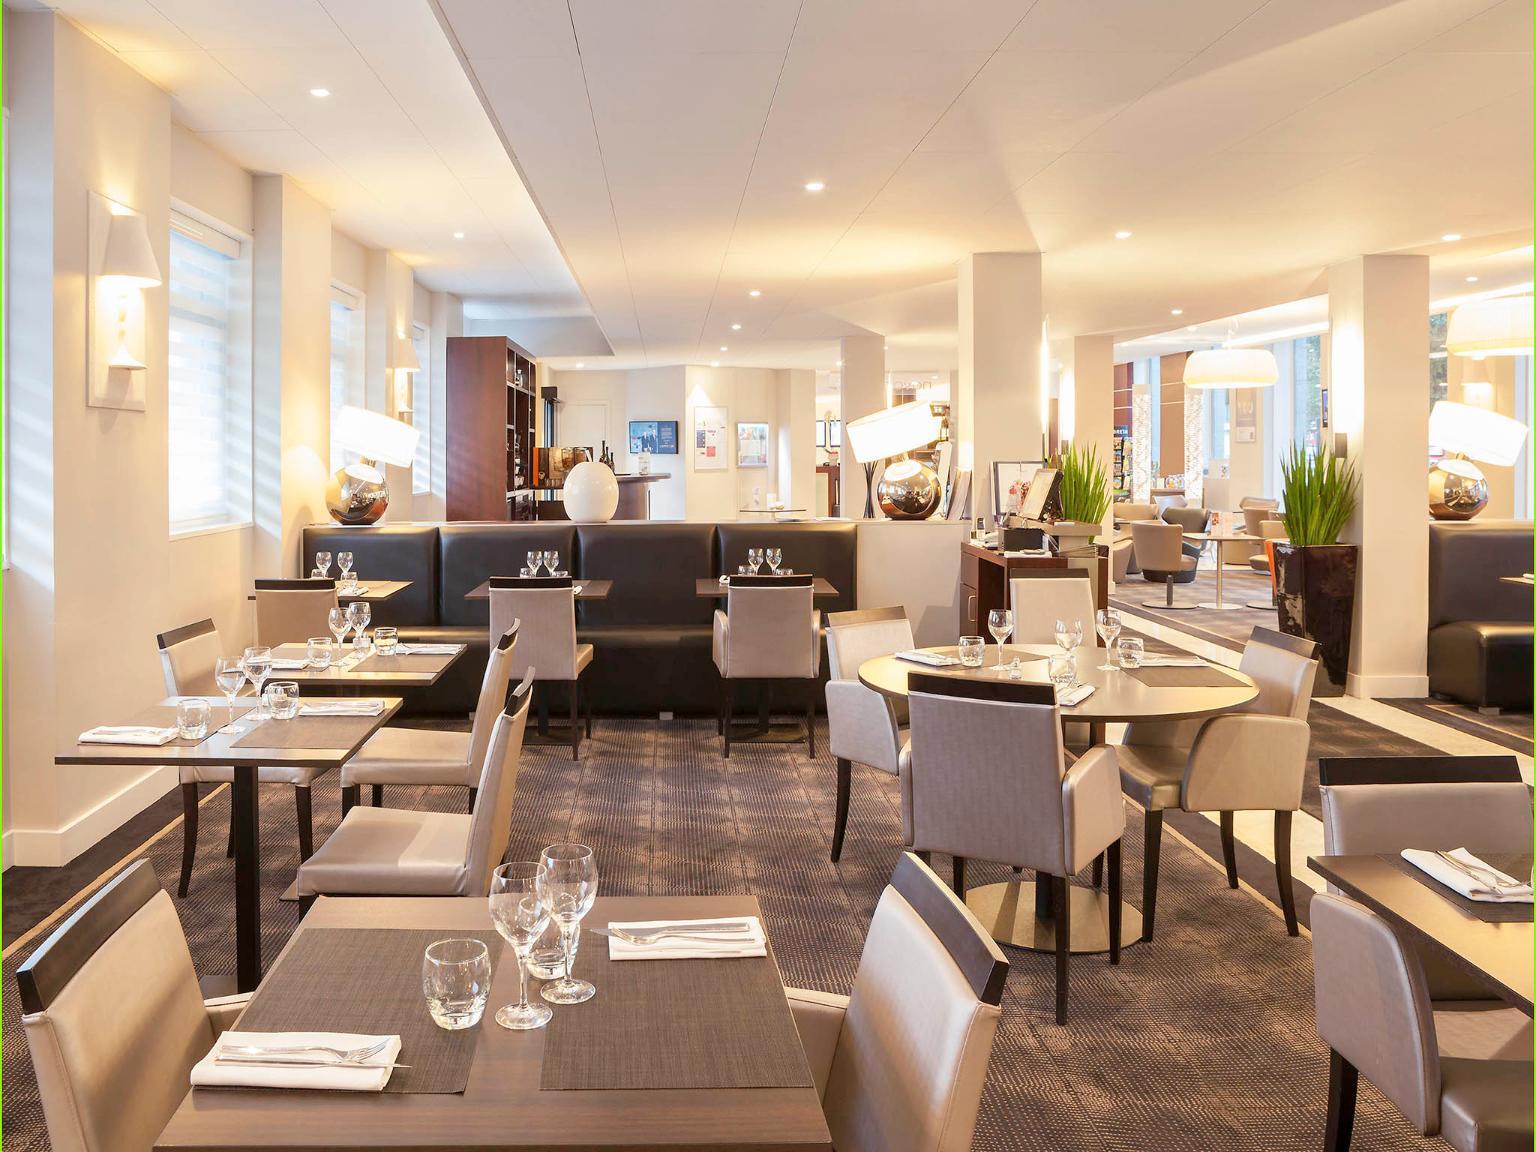 Novotel spa rennes centre gare h tel 22 avenue janvier for Hotel design rennes